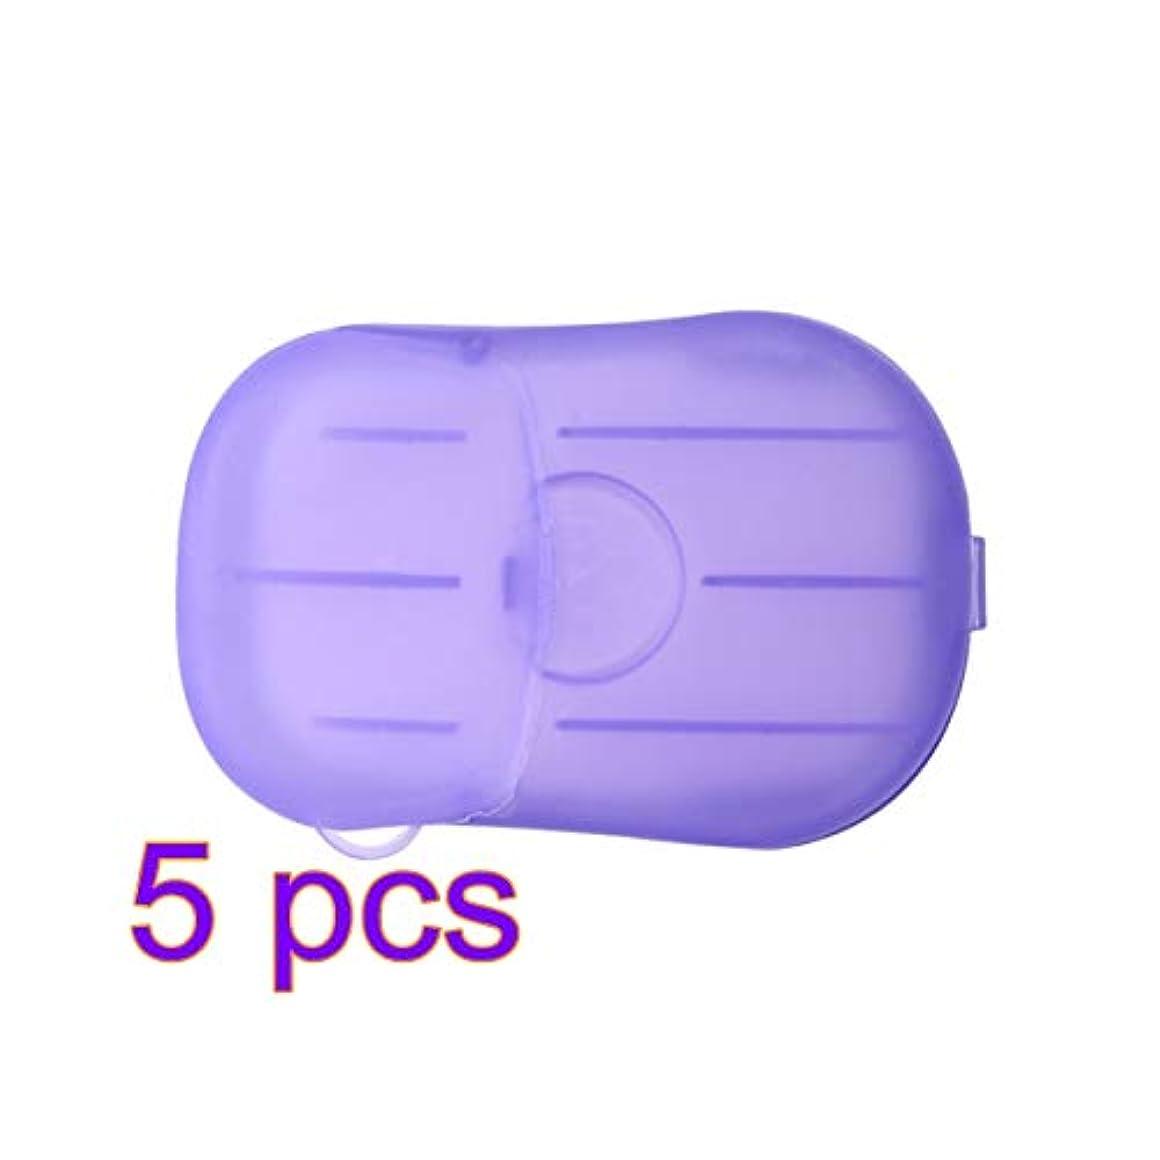 地図フェザー取得するLIOOBO 5セットポータブルソープペーパー使い捨て手洗いペーパーソープスライスシーツ子供用大人トイレ旅行屋外用(パープル)